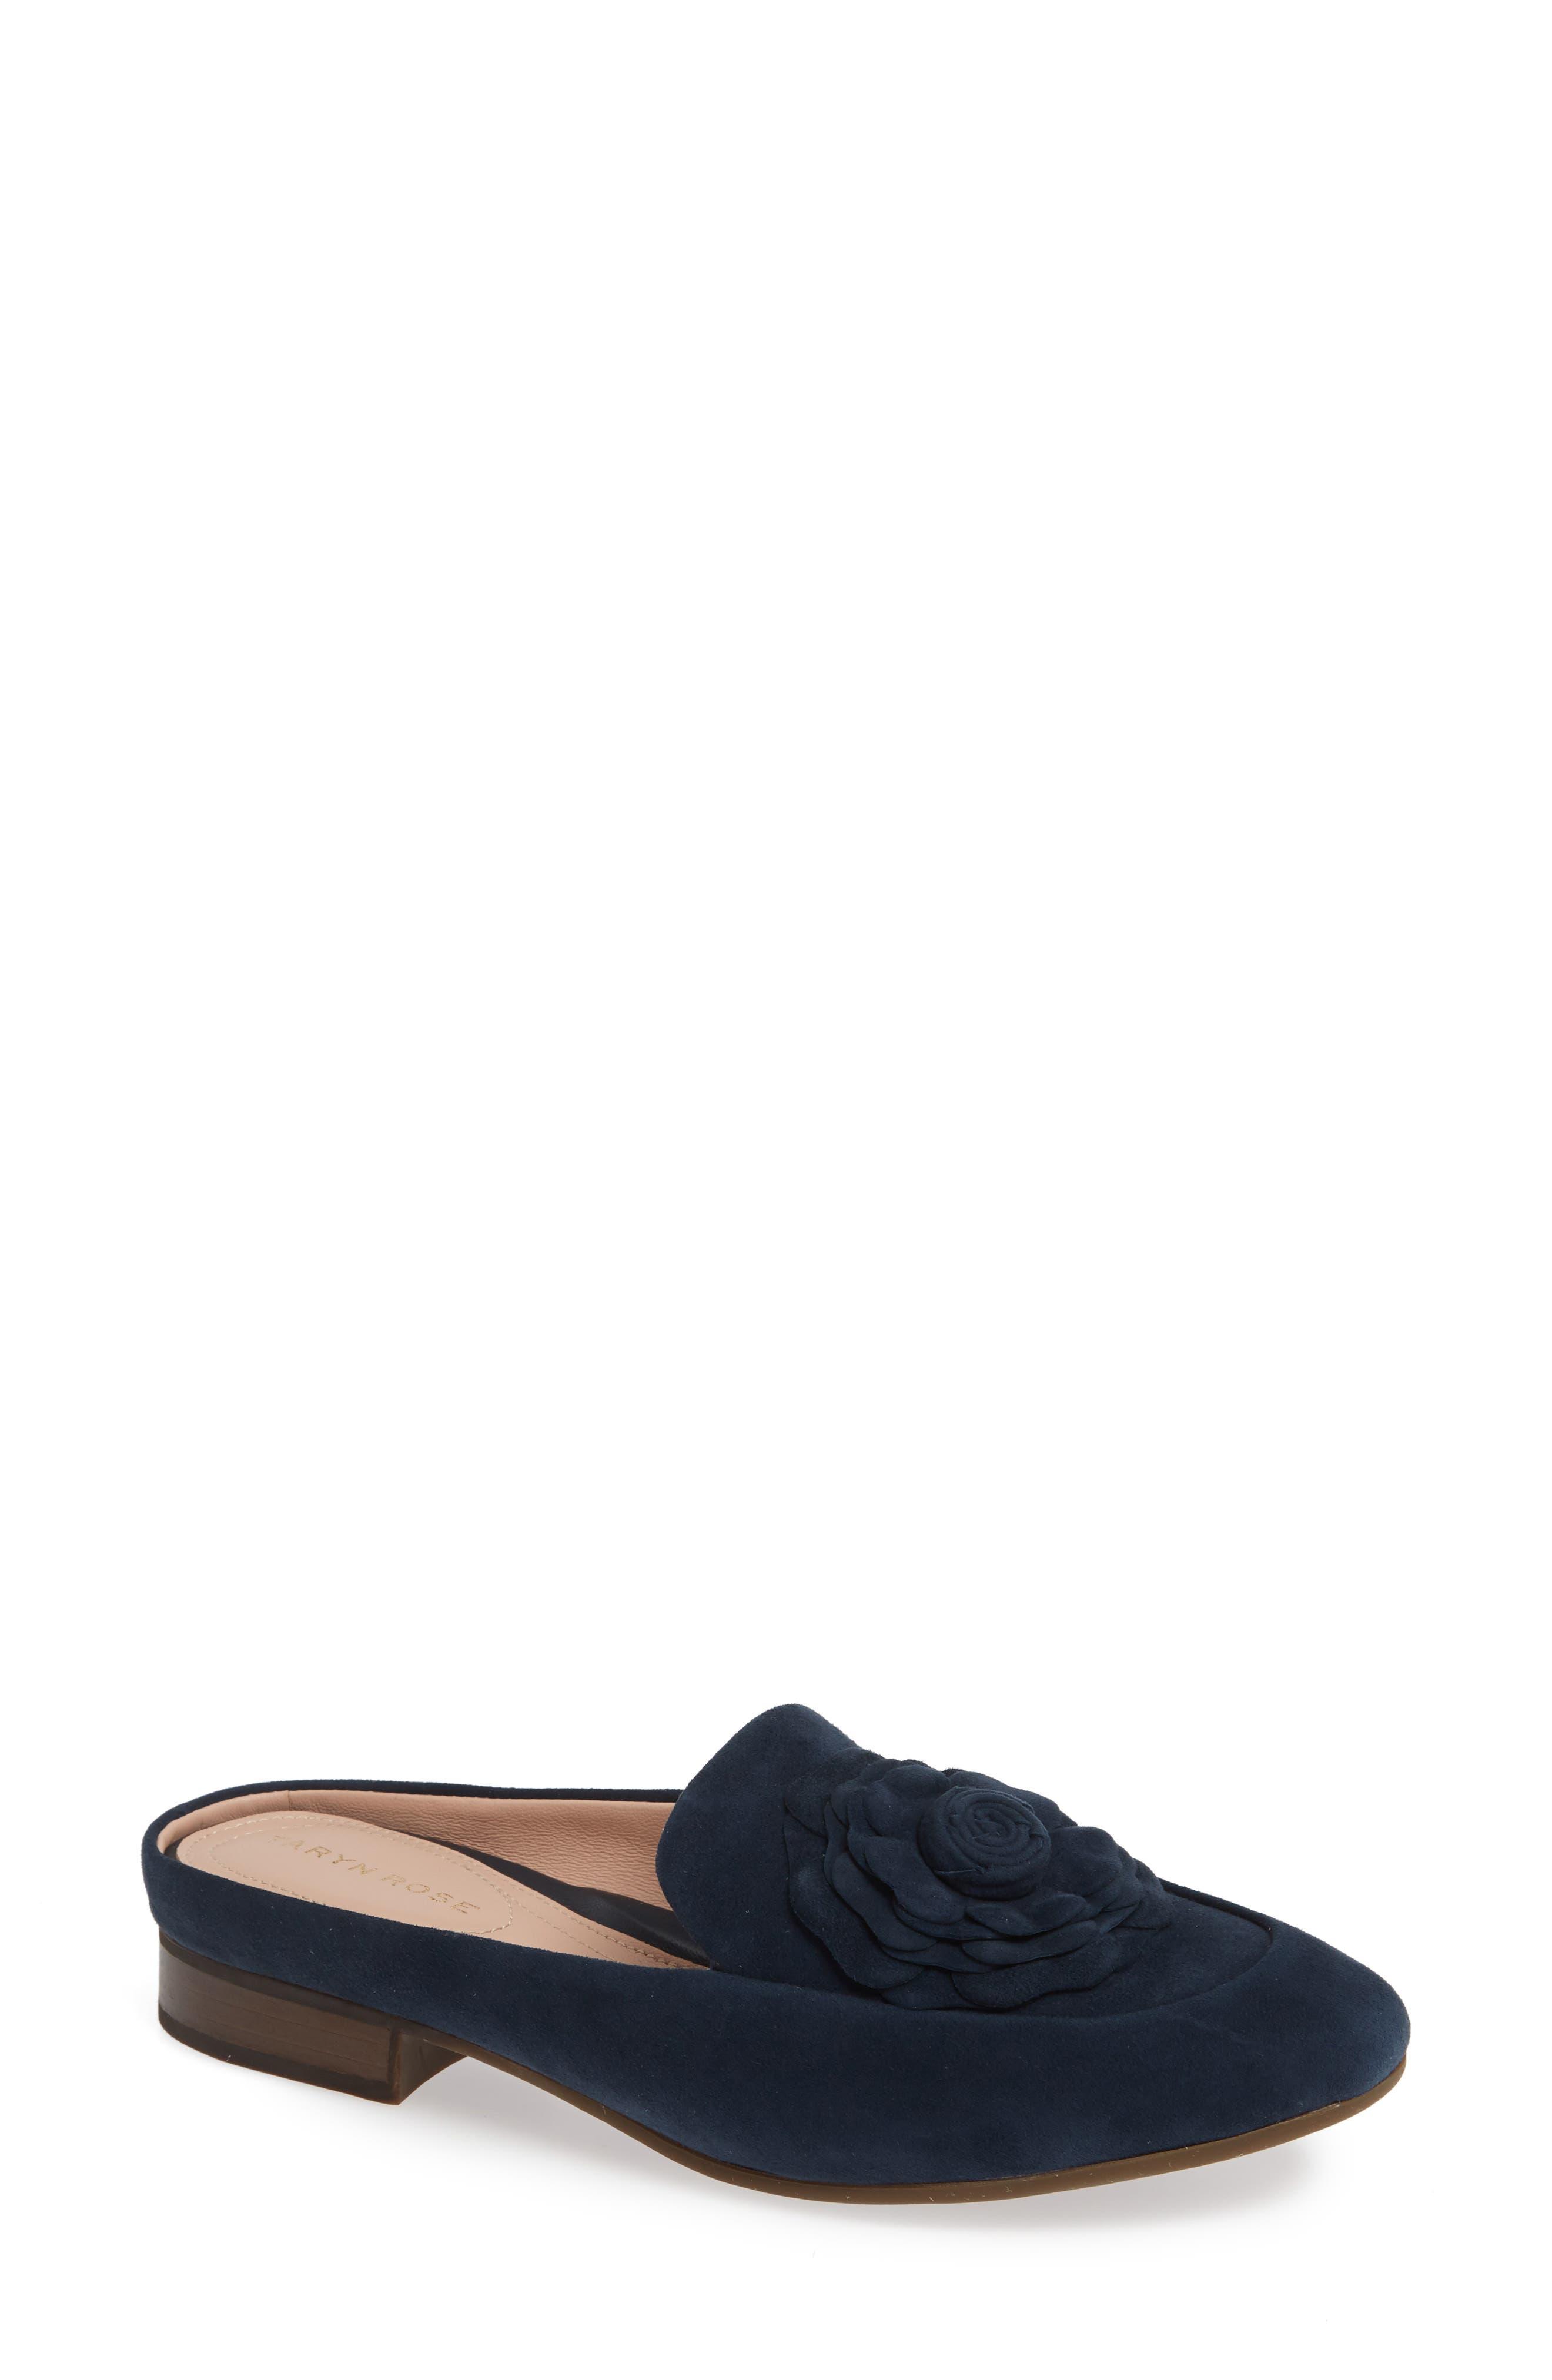 81076e6da358 Women s Taryn Rose Shoes   Nordstrom